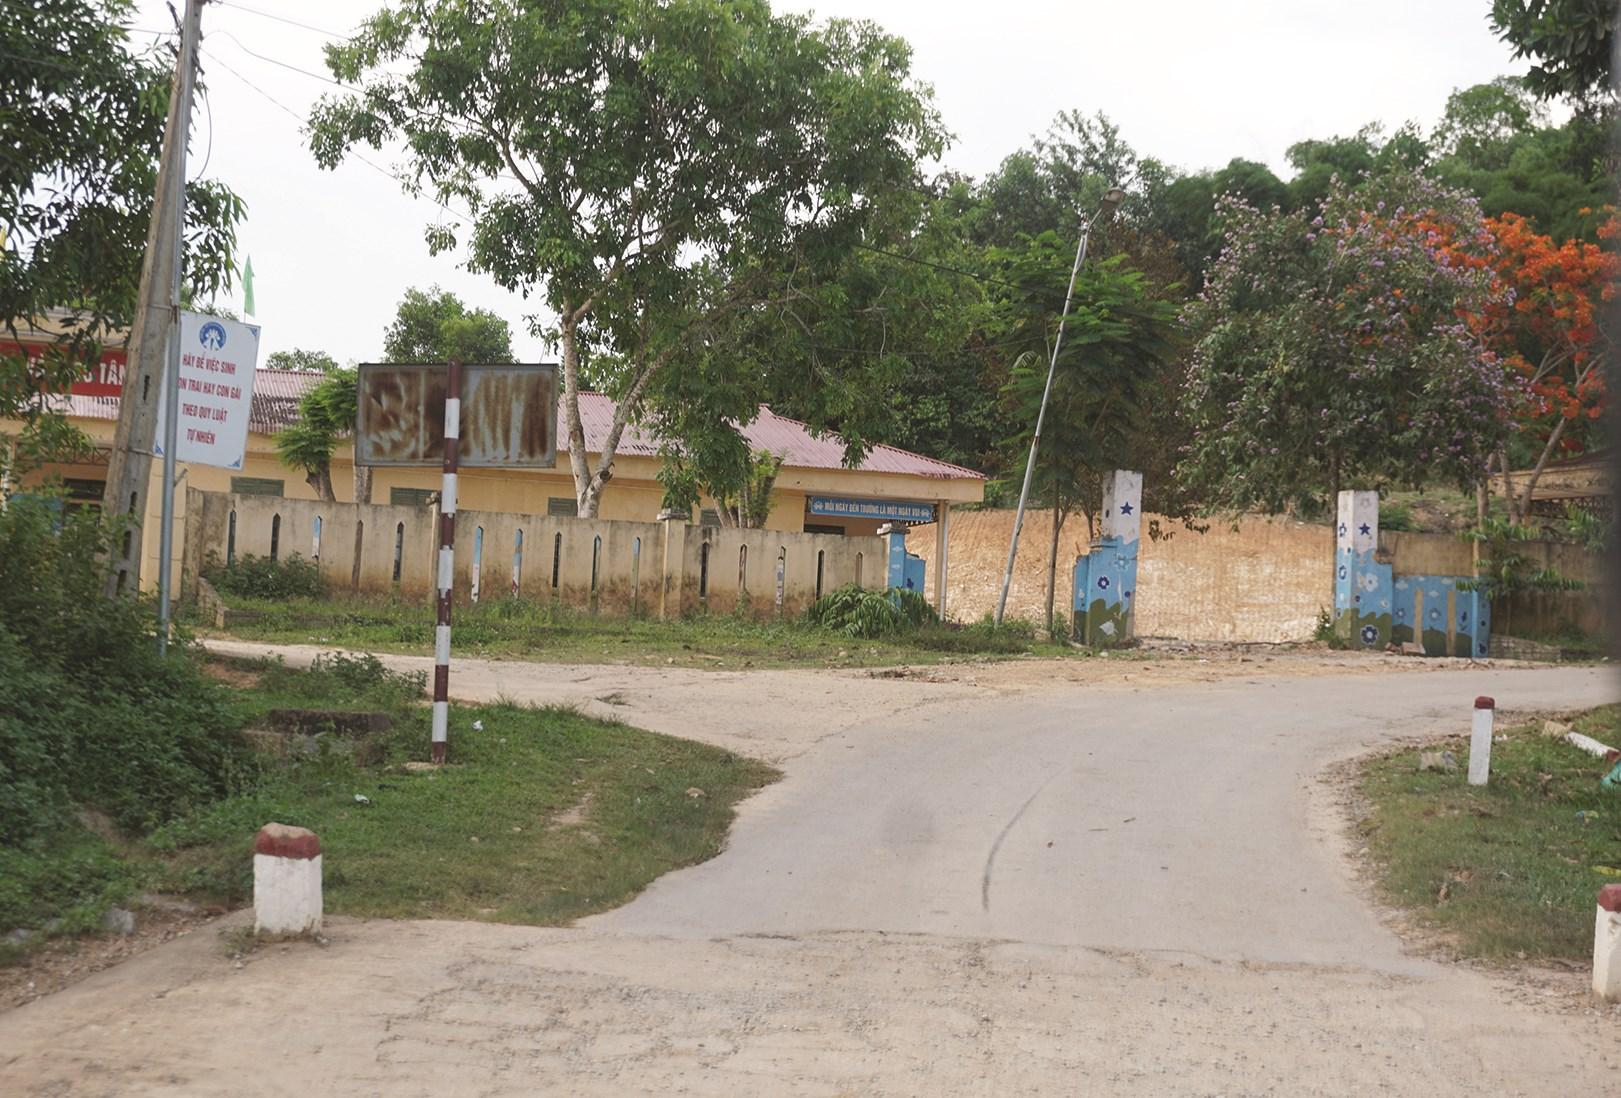 Một góc làng quê xã Tân Bình, huyện miền núi Như Xuân nơi xảy ra sự việc.